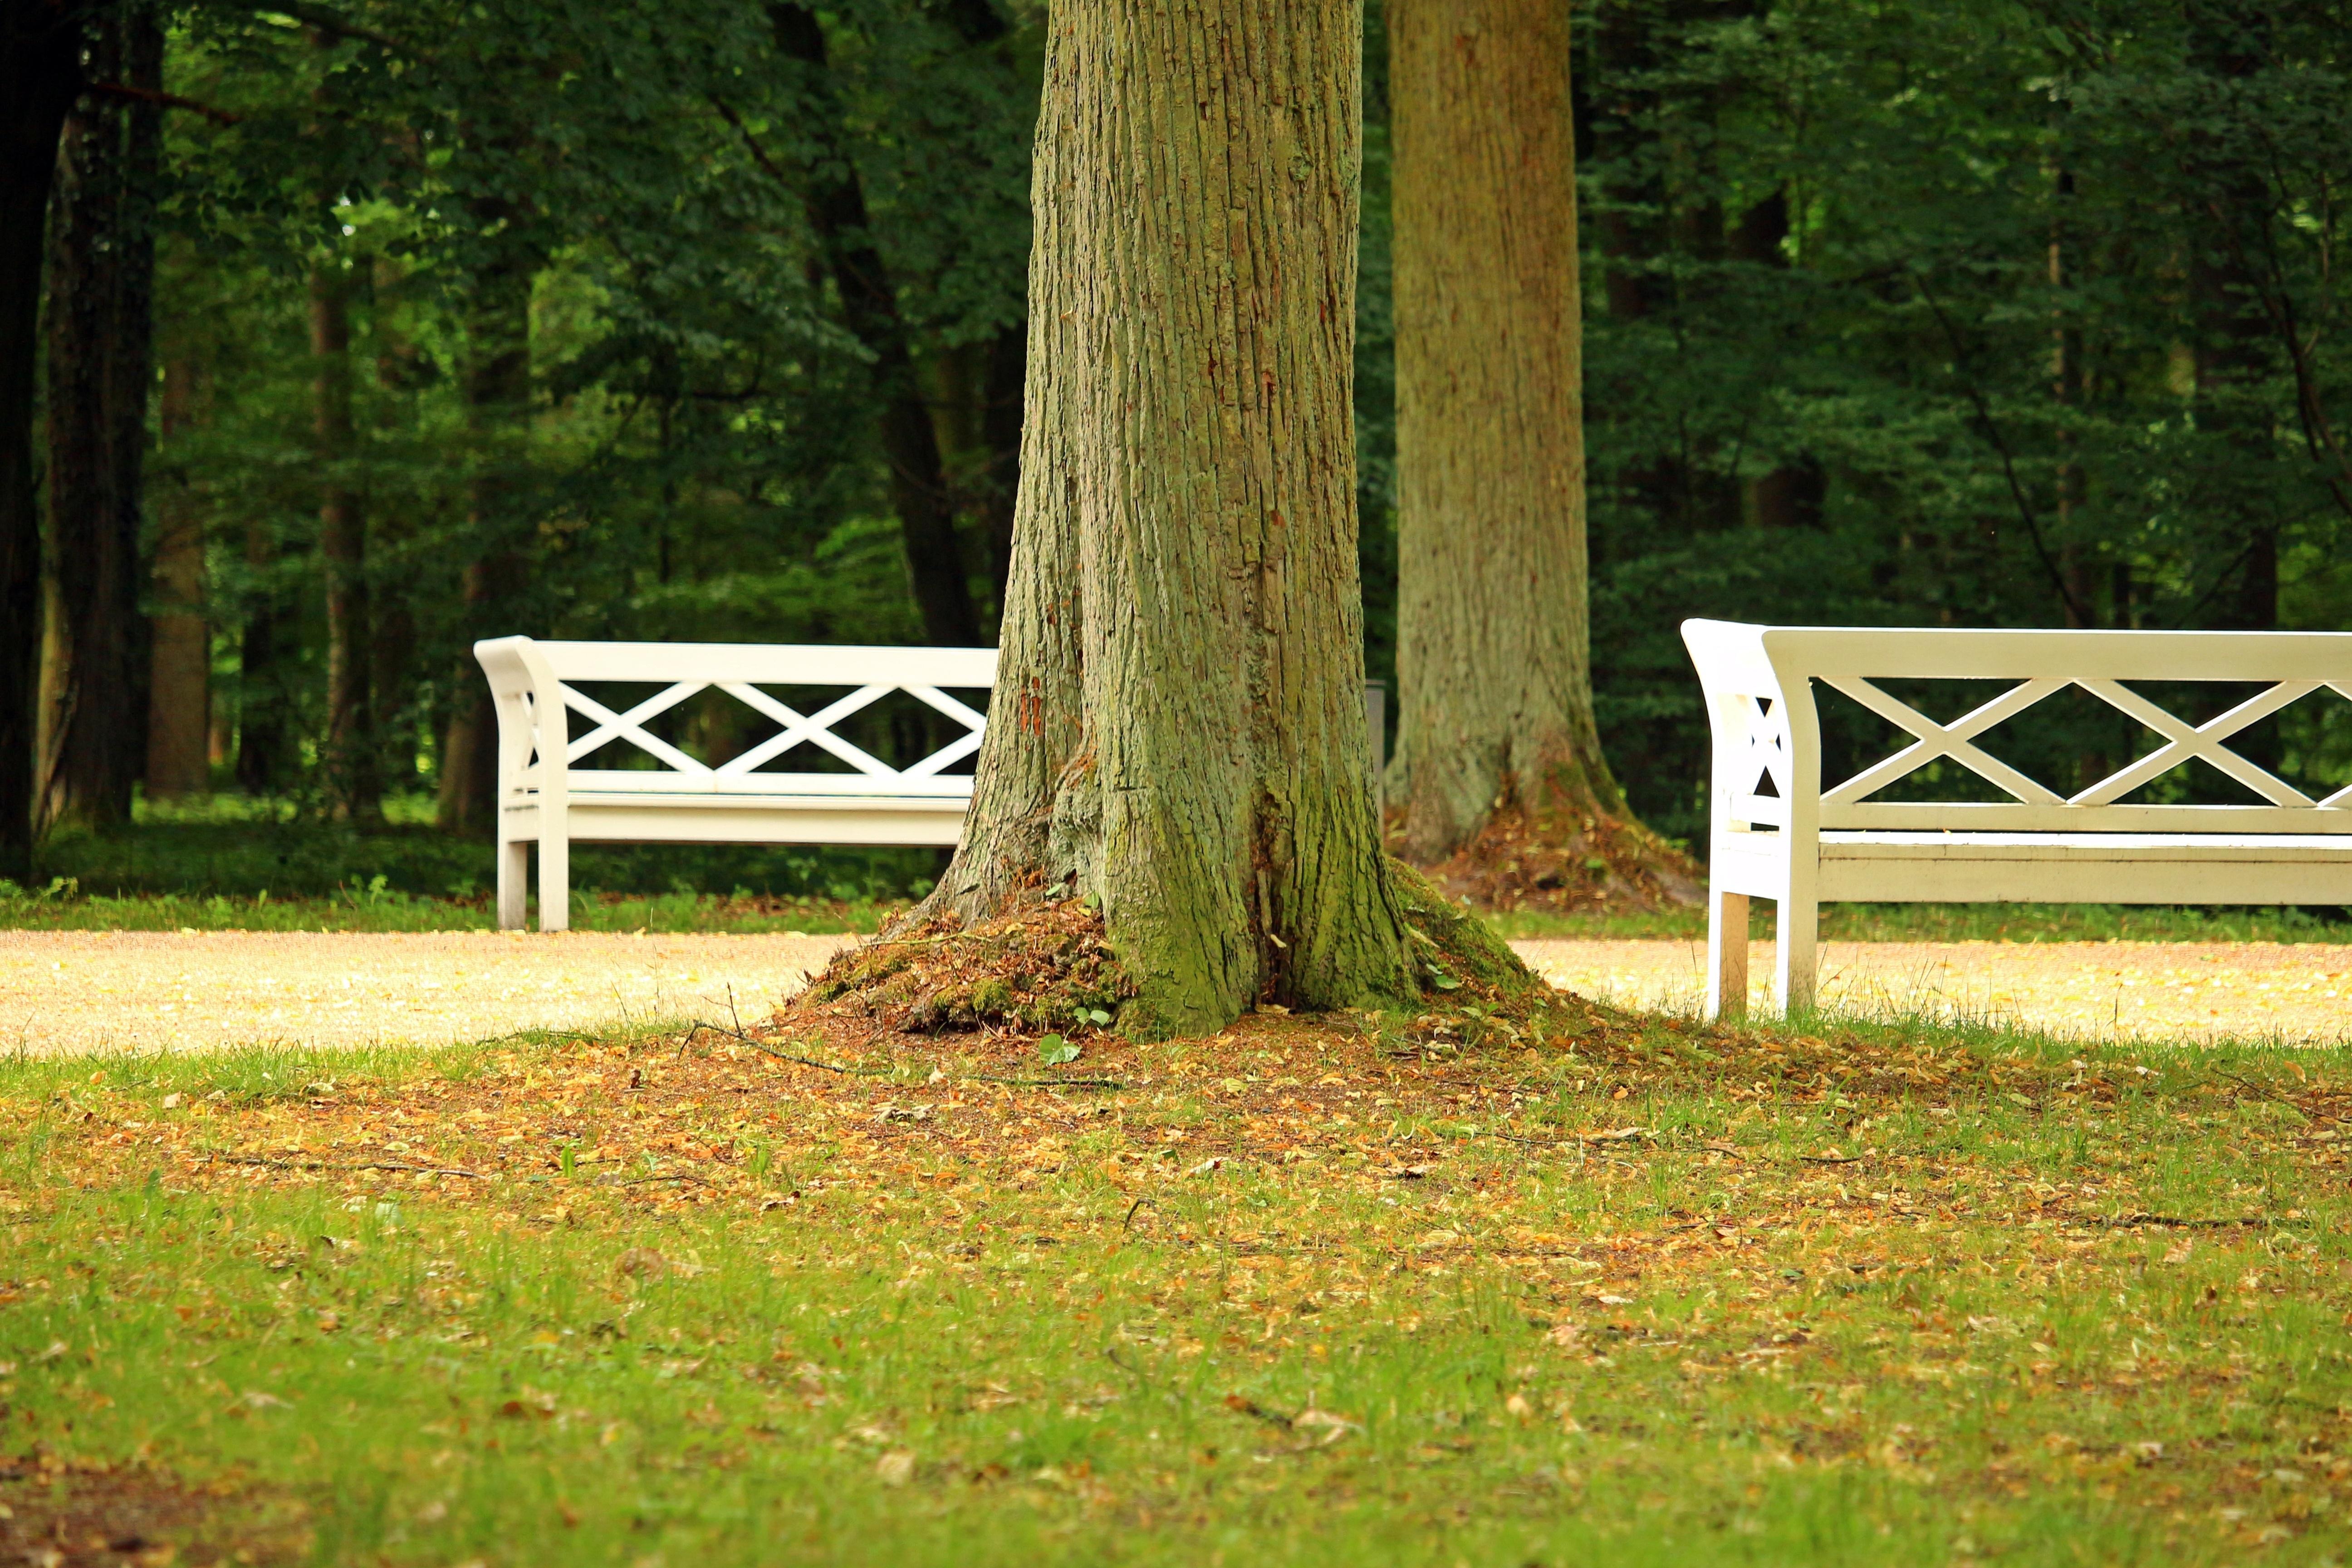 Landschaft Baum Gras Zaun Pflanze Holz Rasen Wiese Blatt Zuhause Grün Weide  Herbst Park Hinterhof Garten